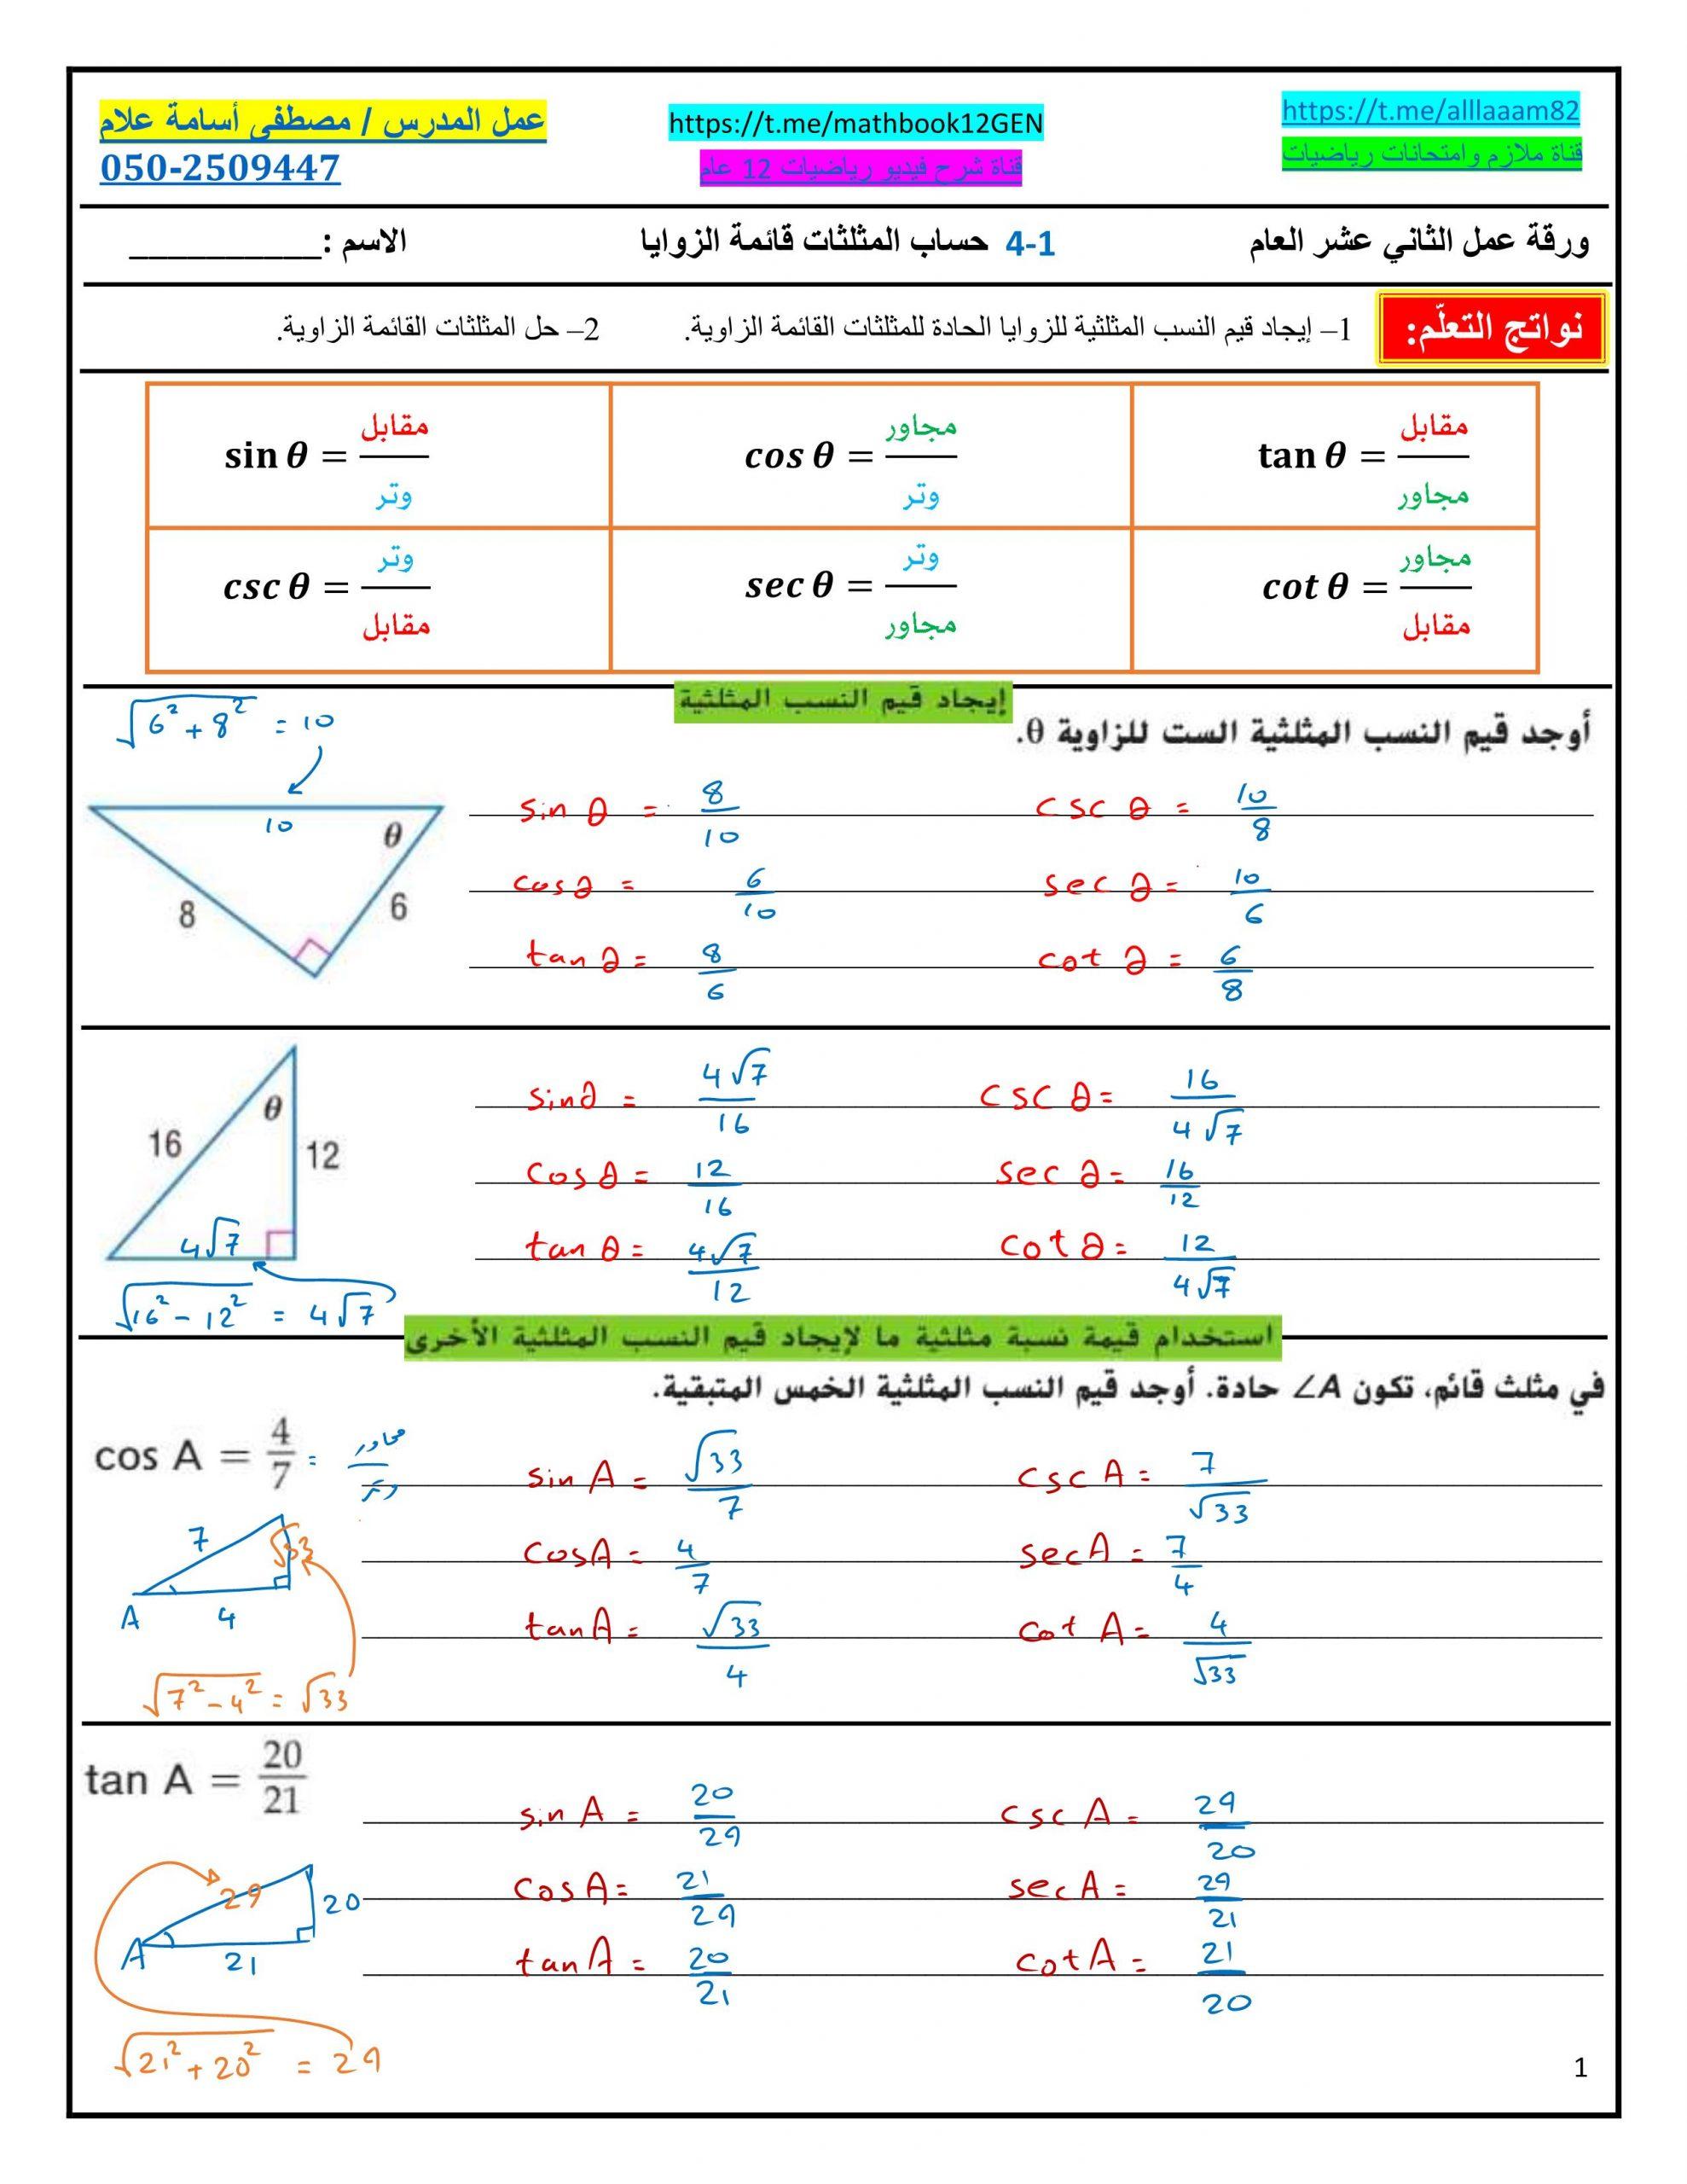 حل حساب المثلثات قائمة الزوايا الصف الثاني عشر عام مادة الرياضيات المتكاملة